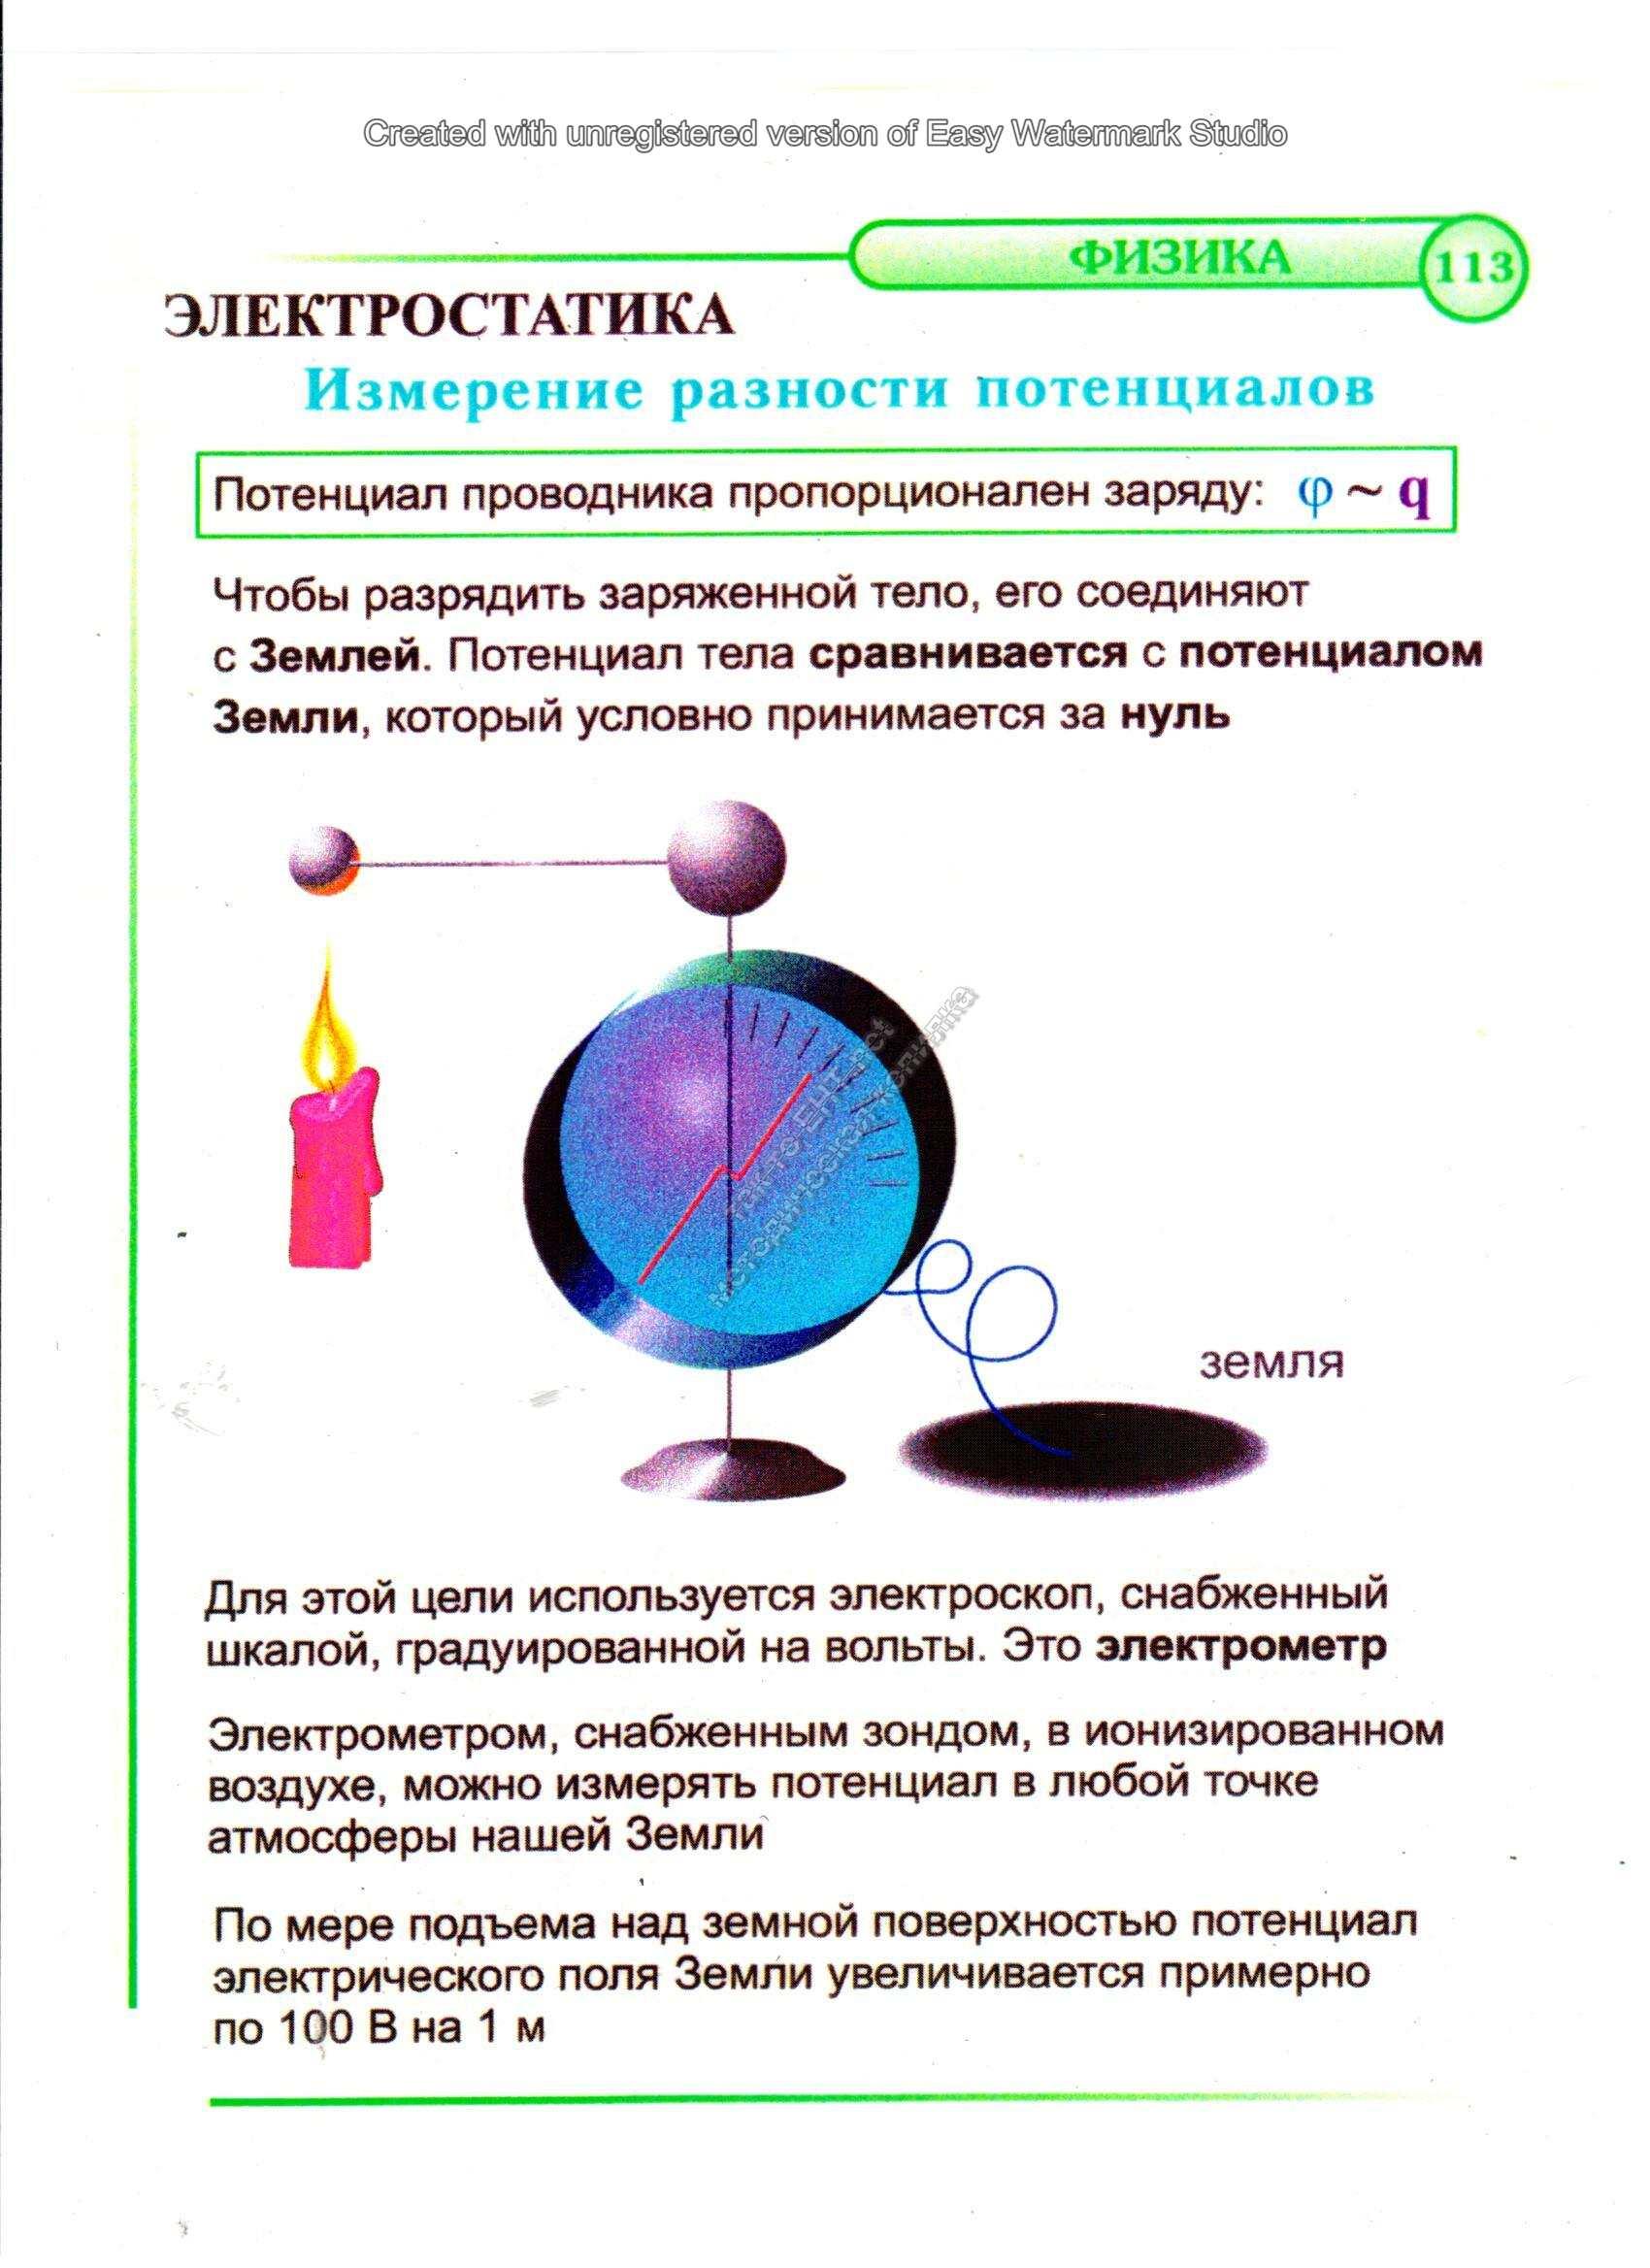 Измерение разности потенциалов